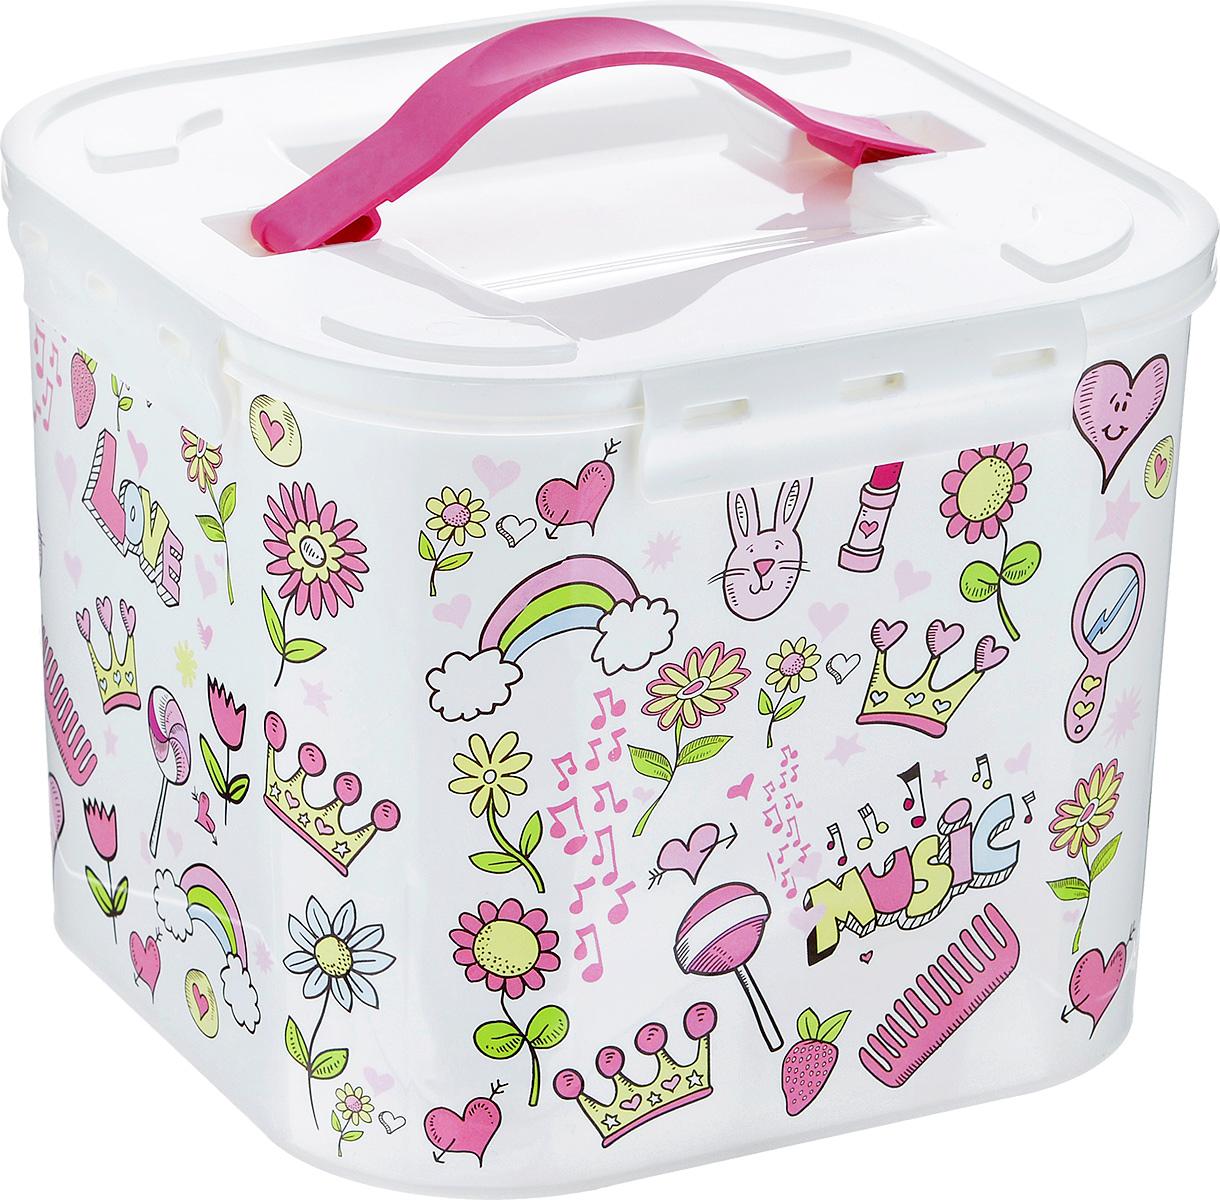 Контейнер для хранения Idea Фанни, 7 л контейнер для хранения idea ягоды 10 л